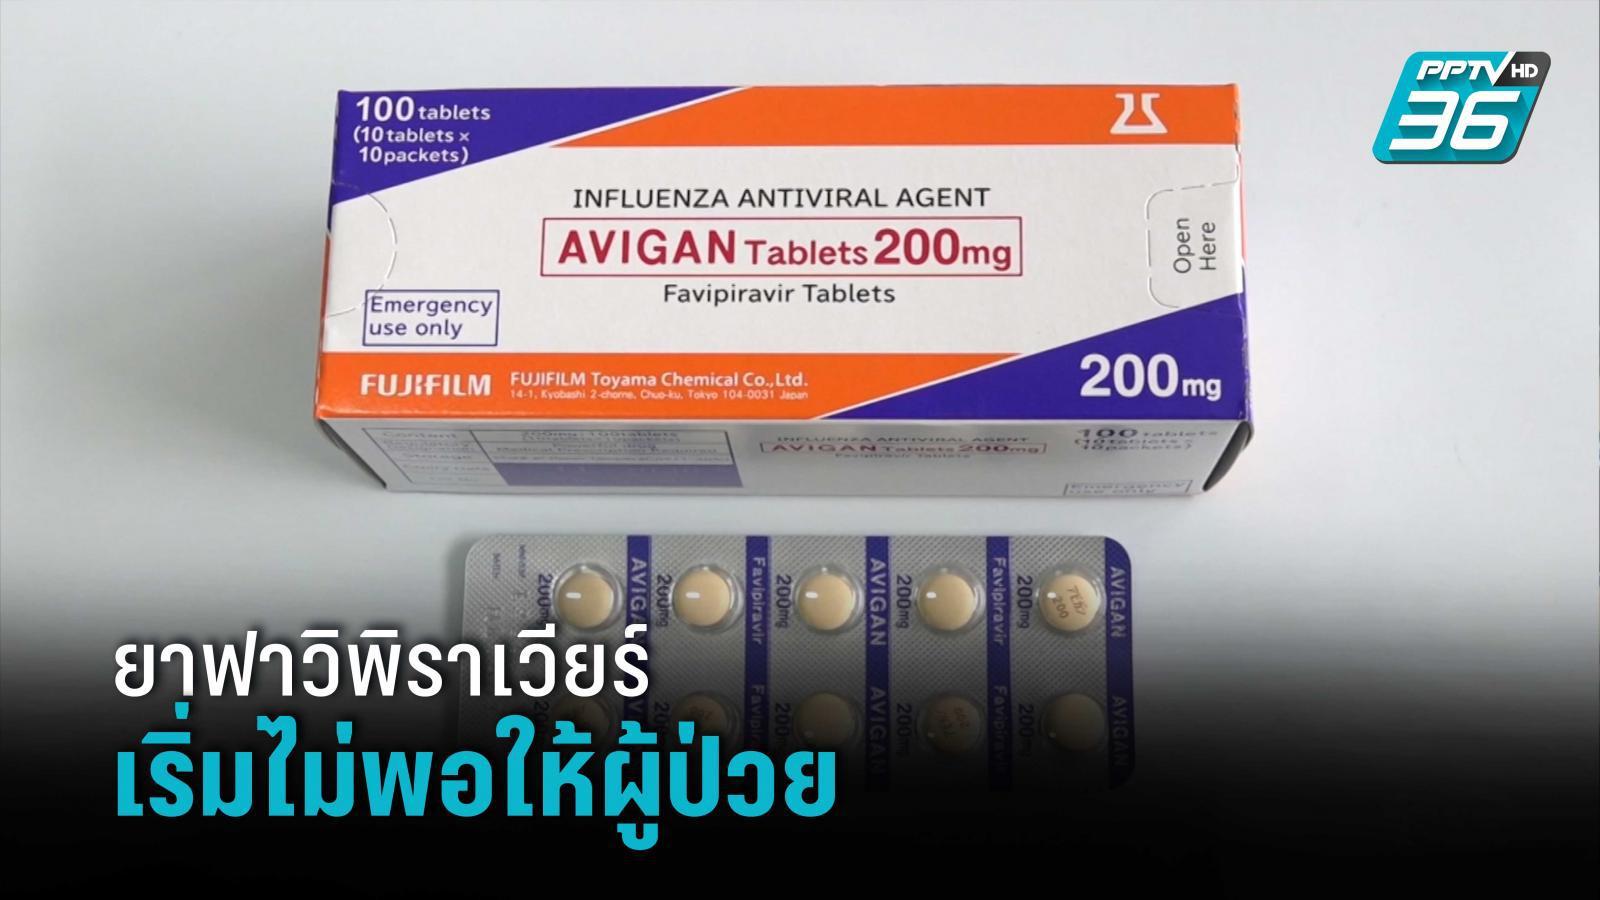 ยาฟาวิพิราเวียร์ เริ่มไม่พอให้ผู้ป่วยHome Isolation